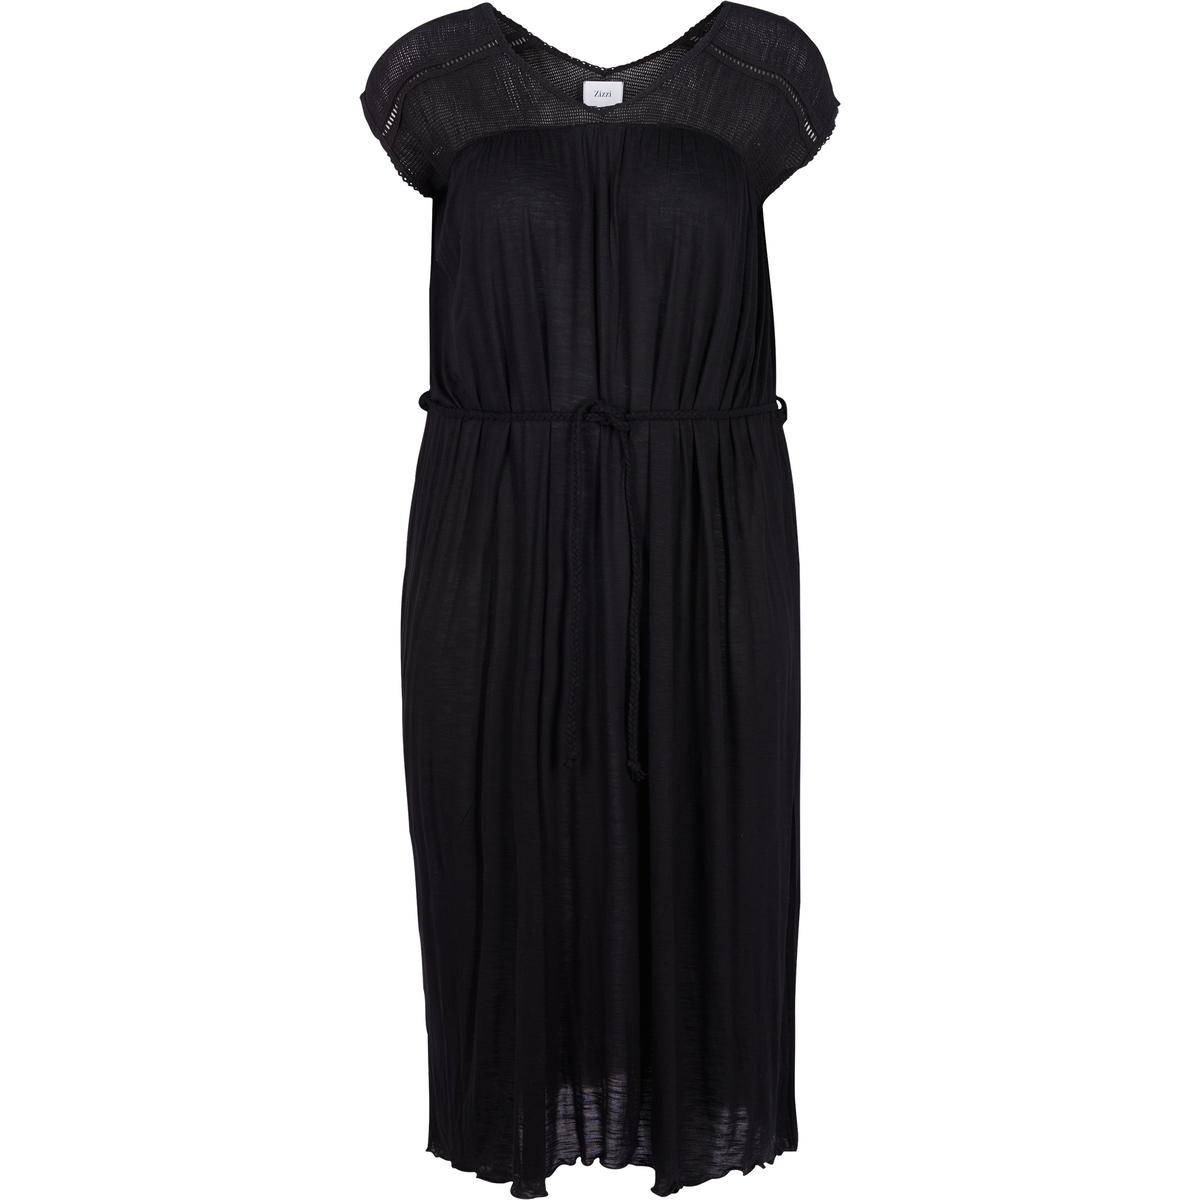 Платье длины миди, 3/4, рукава короткиеДетали   •  Форма : прямая  •  Длина миди, 3/4  •  Короткие рукава    •   V-образный вырезСостав и уход   •  100% вискоза  •  Следуйте советам по уходу, указанным на этикеткеТовар из коллекции больших размеров<br><br>Цвет: черный<br>Размер: 46/48 (FR) - 52/54 (RUS)